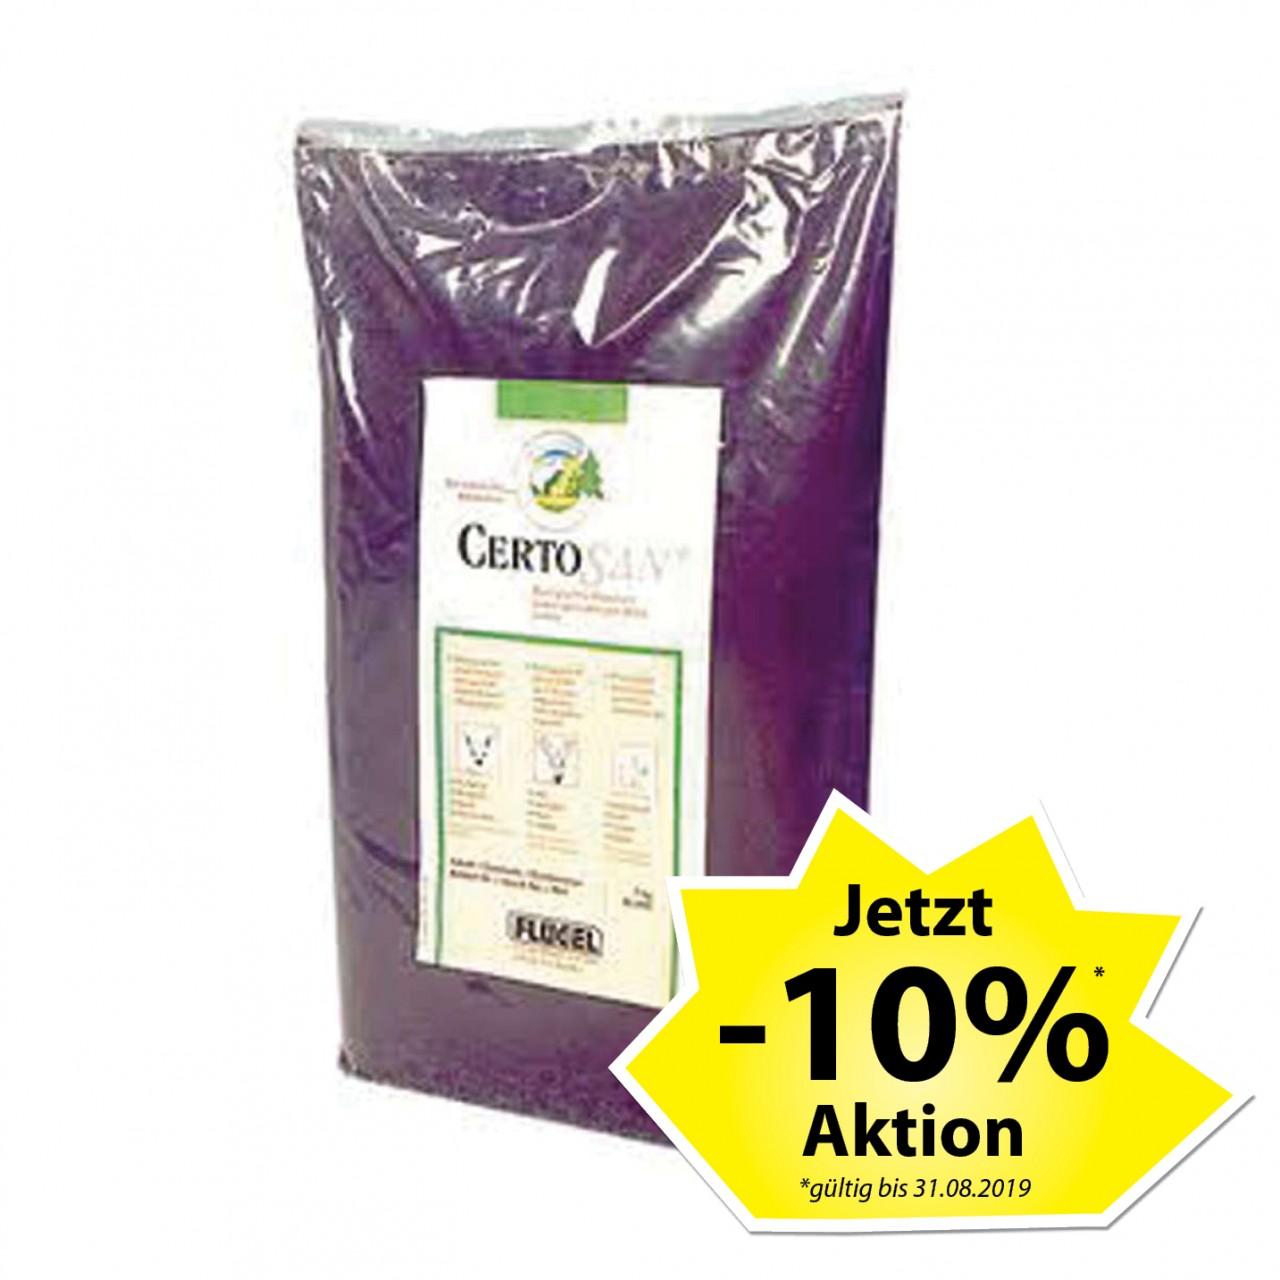 Certosan - spritzfähiges Verbissschutzmittel